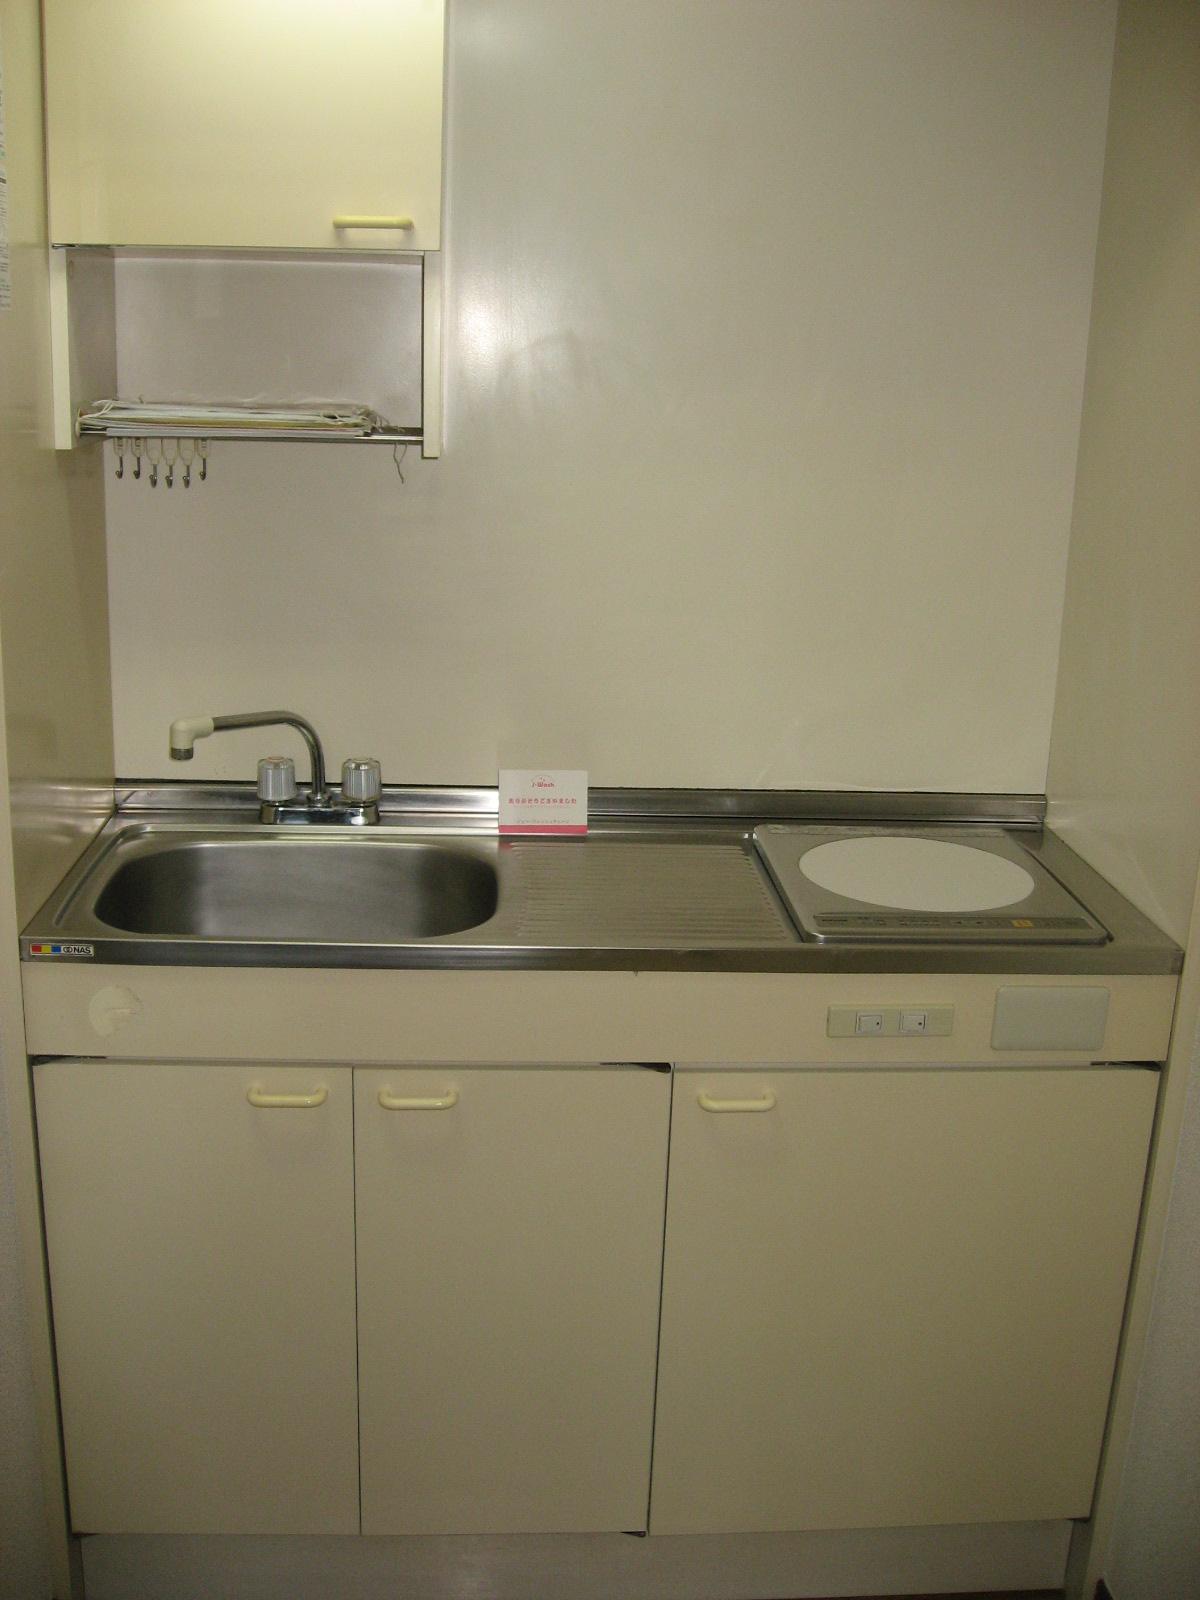 キッチン IH電磁調理器です。上下には収納があります!